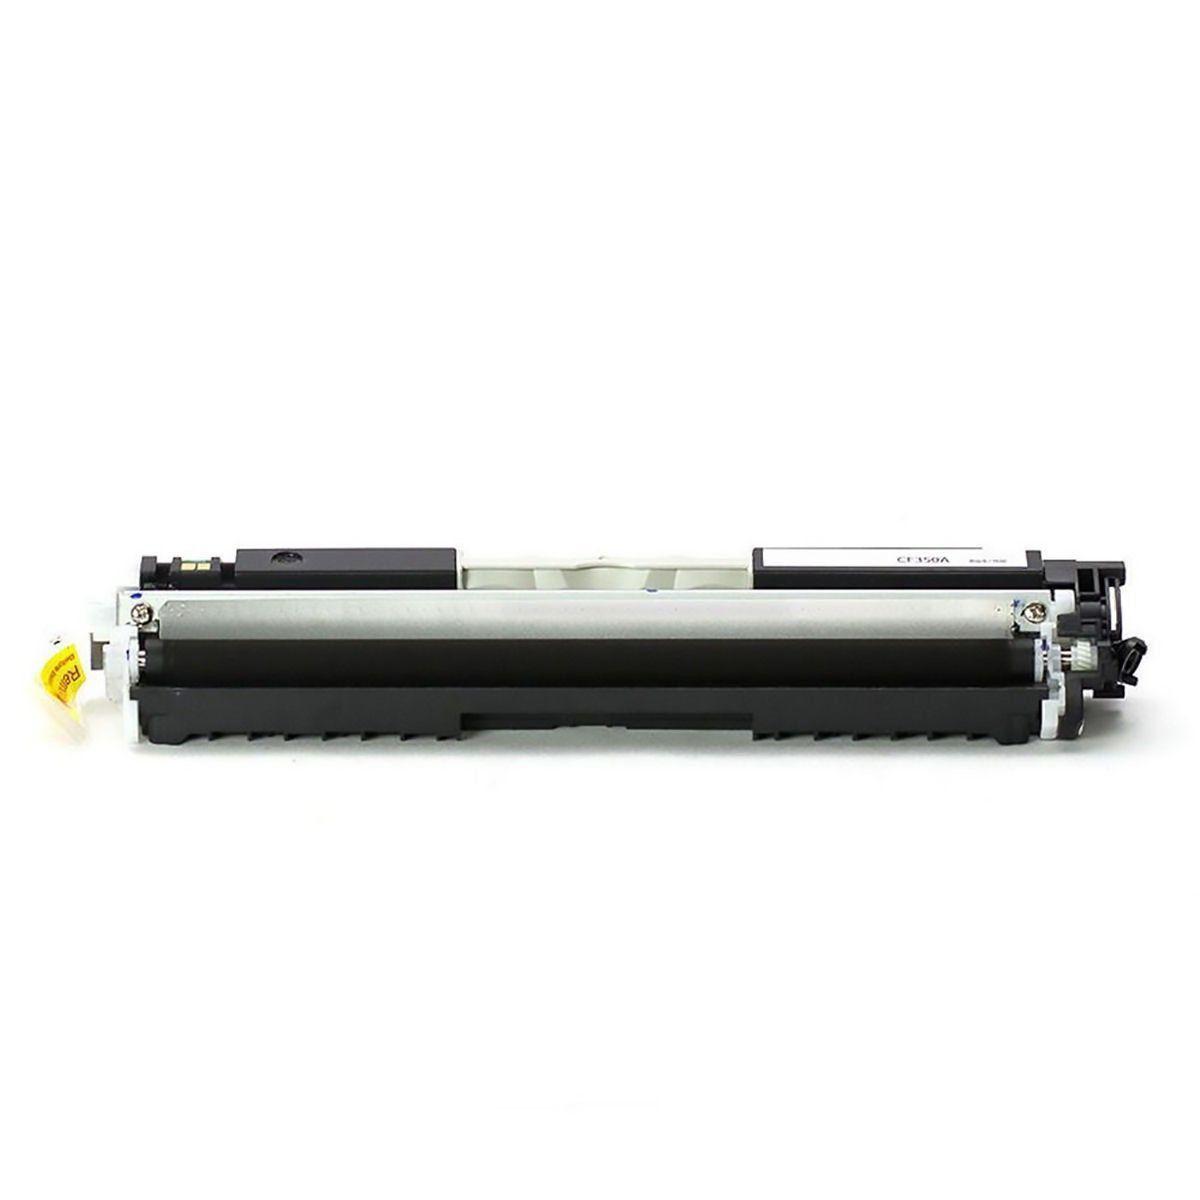 Toner compatível com HP CE310A universal 310A 126A Black 1.200 Páginas - Cartucho & Cia